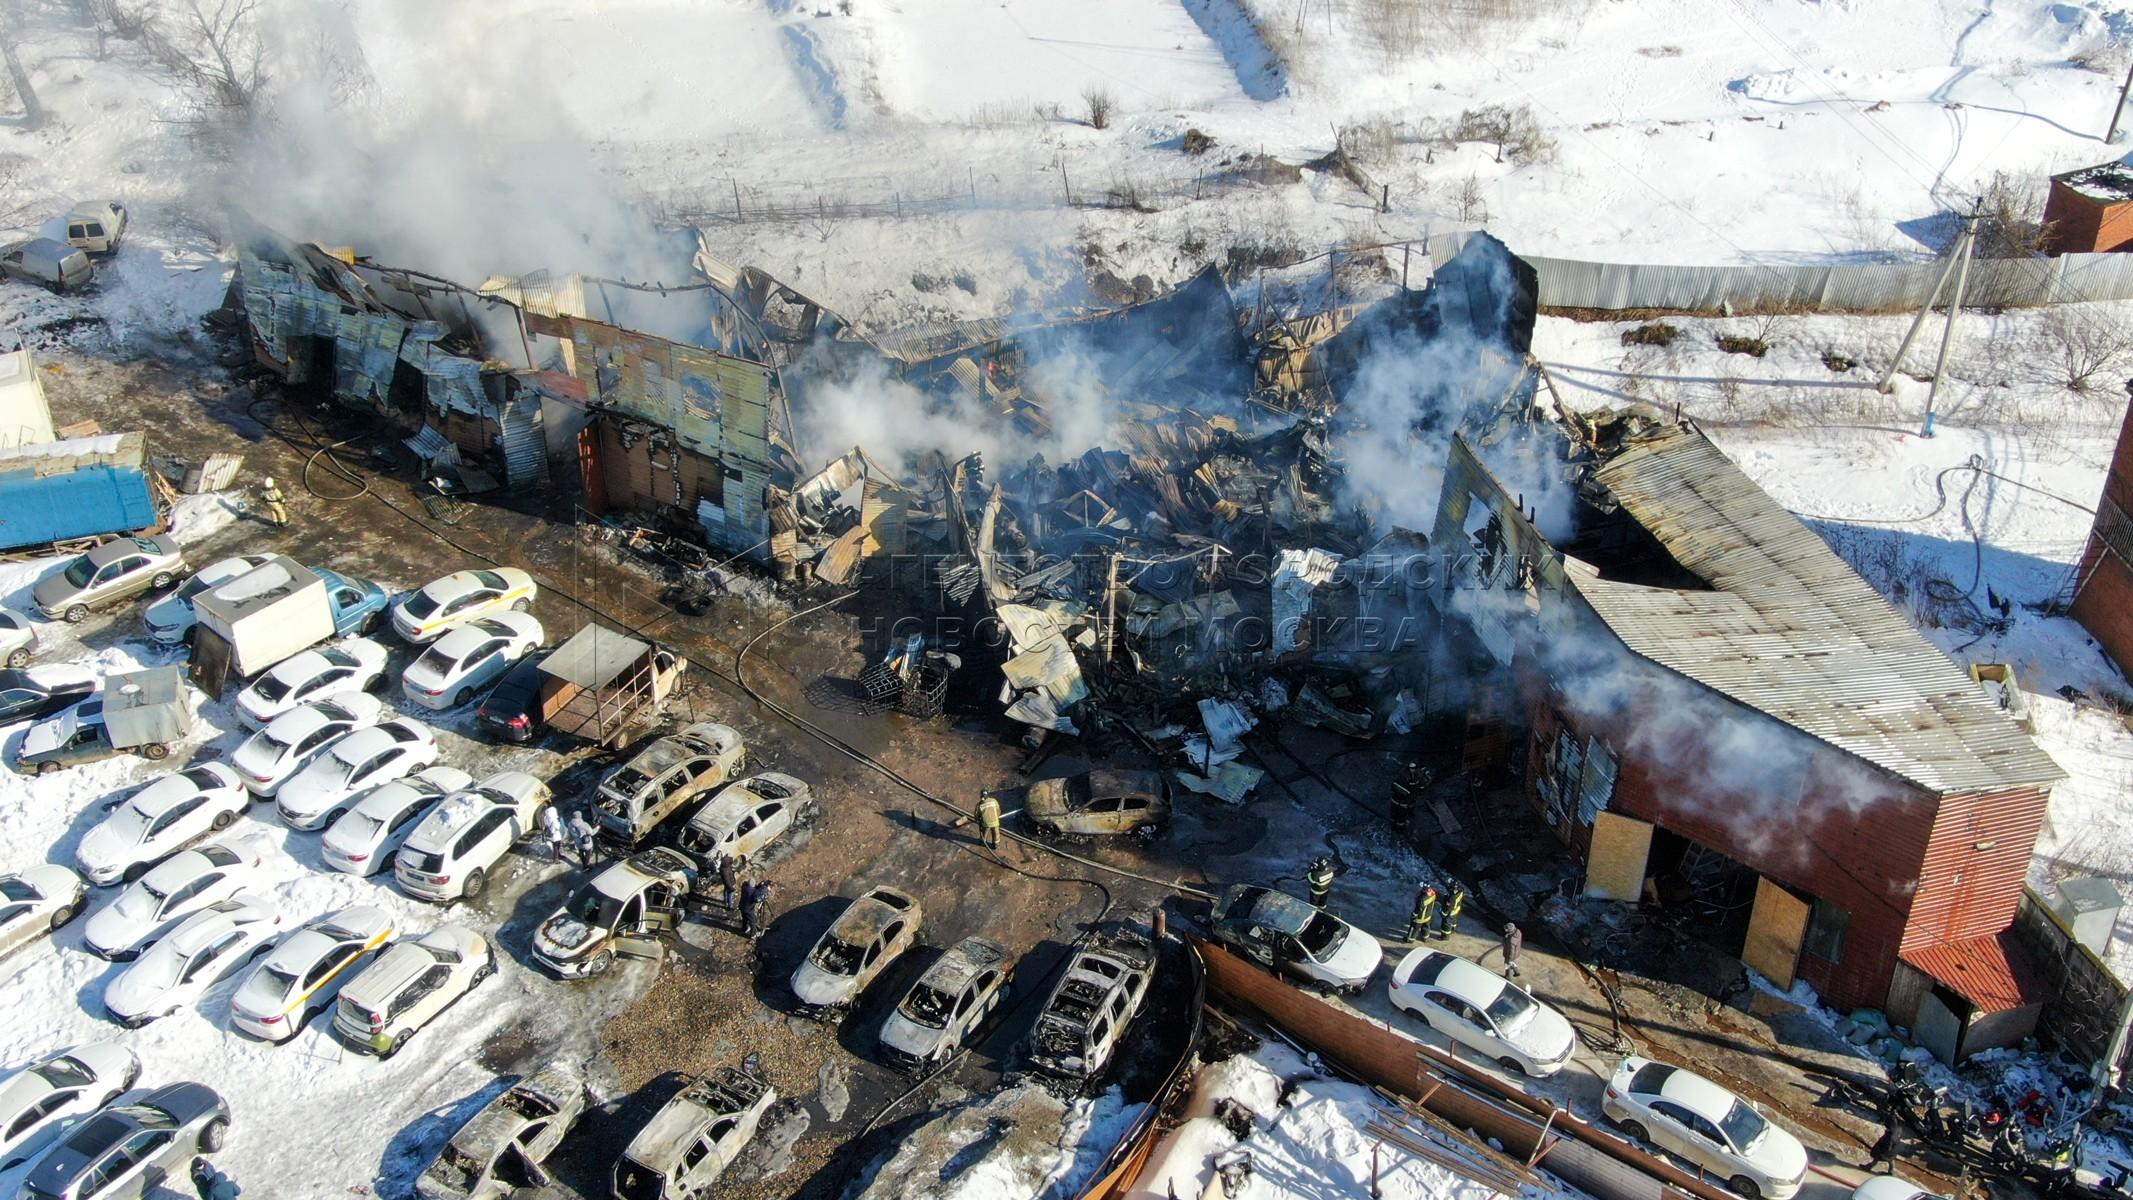 Вид с квадрокоптера на последствия пожара на площади 1,5 тыс. кв. м в автосервисе в дер. Калиновка на территории Ленинского городского округа, где в результате огнем было повреждено более 20 автомобилей.